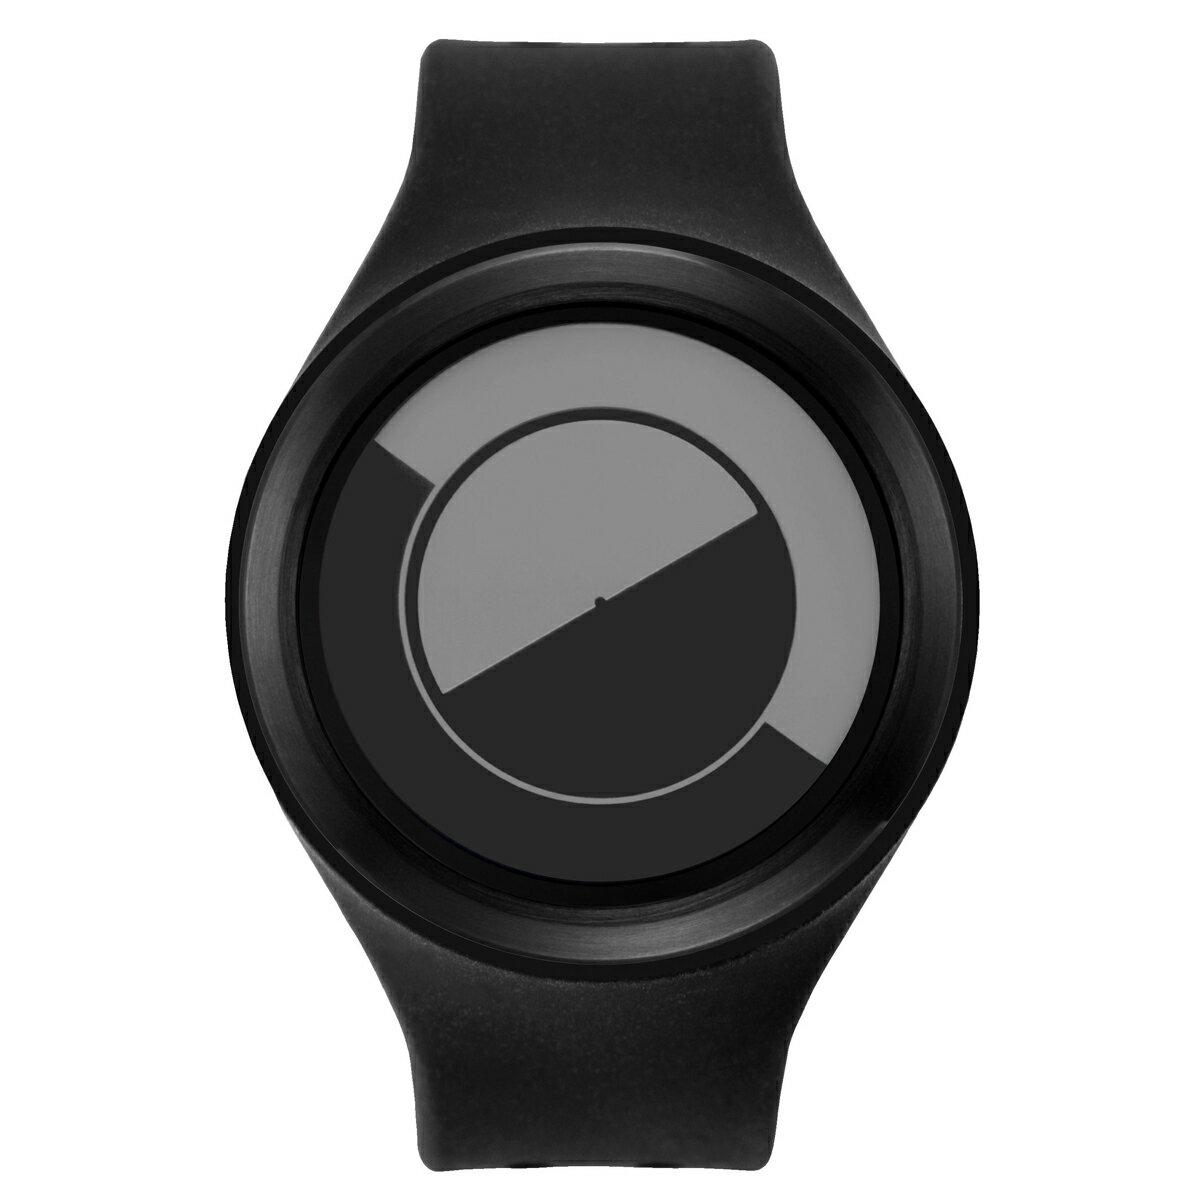 ZEROO QUARTER MOON ゼロ 電池式クォーツ 腕時計 [W01005B03SR02] ブラック デザインウォッチ ペア用 メンズ レディース ユニセックス おしゃれ時計 デザイナーズ